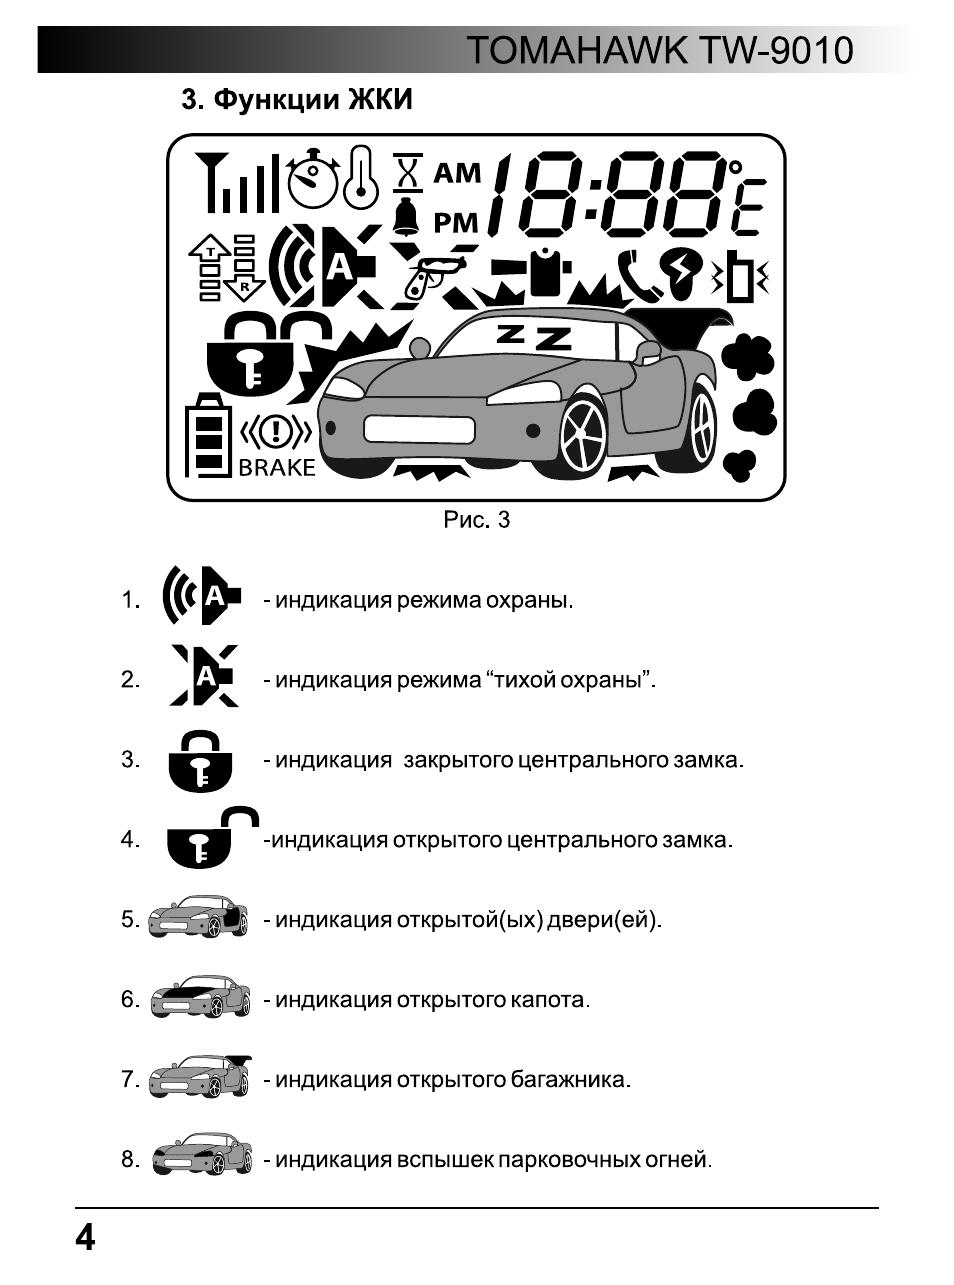 Как сделать автопрогрев на томагавк